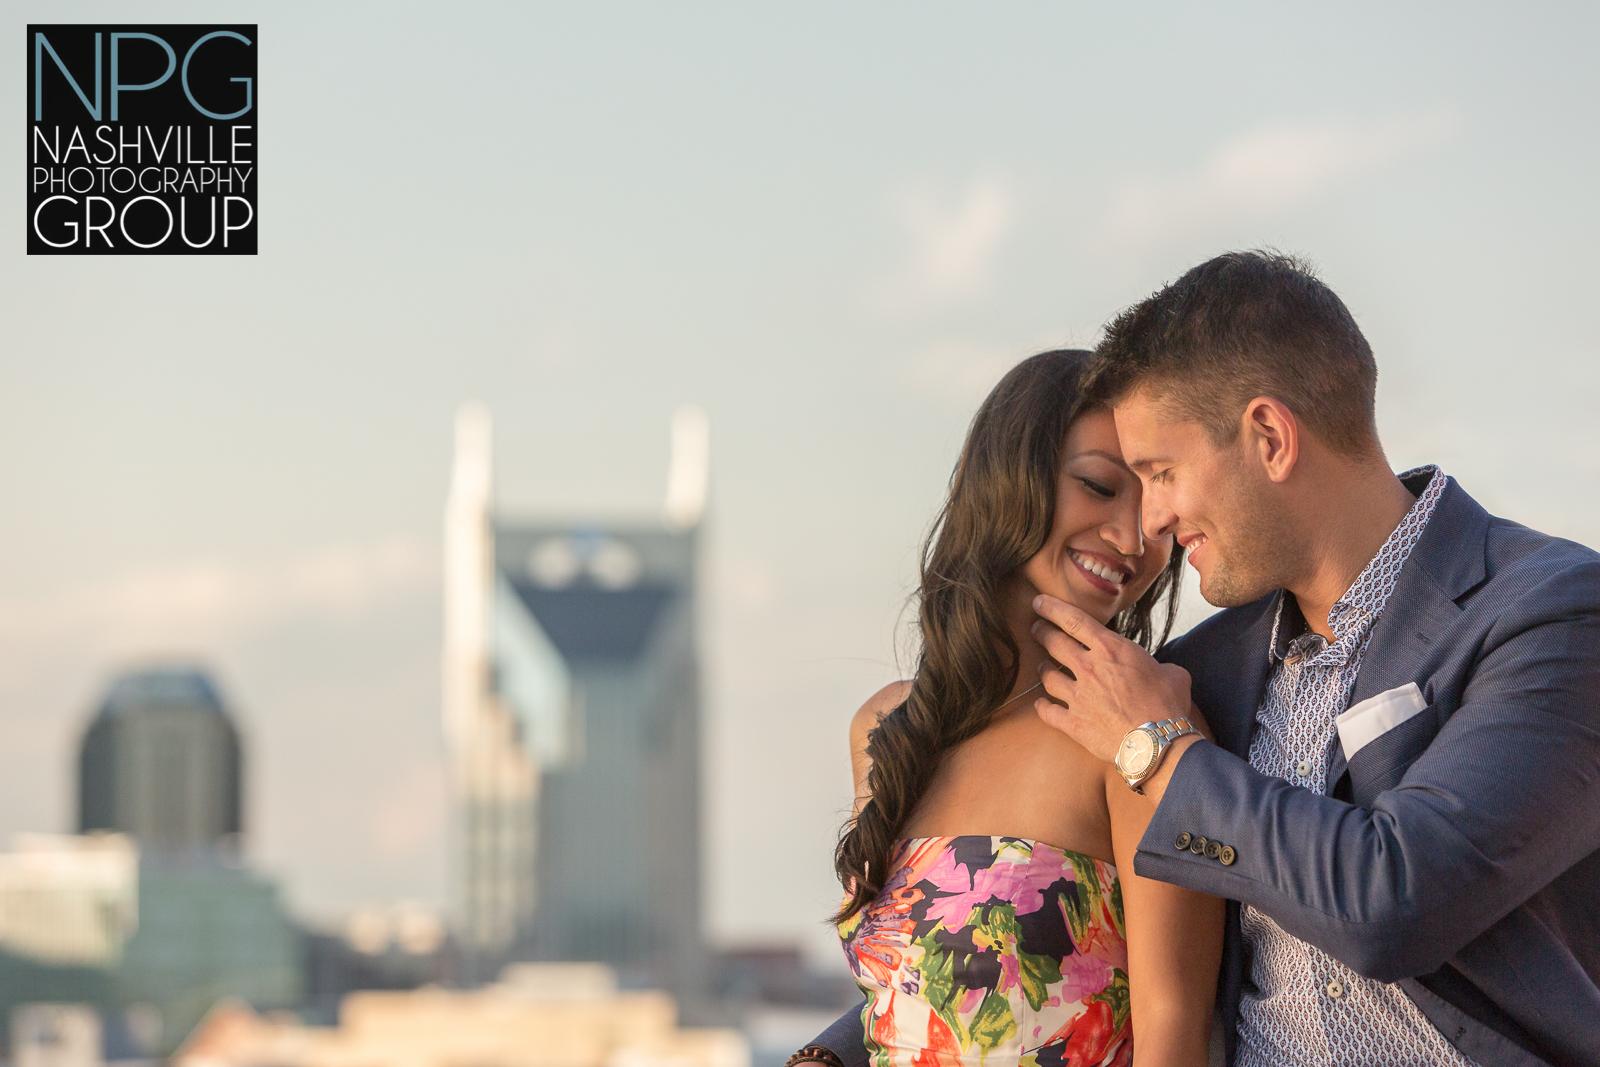 Nashville Photography Group wedding photographers-39.jpg